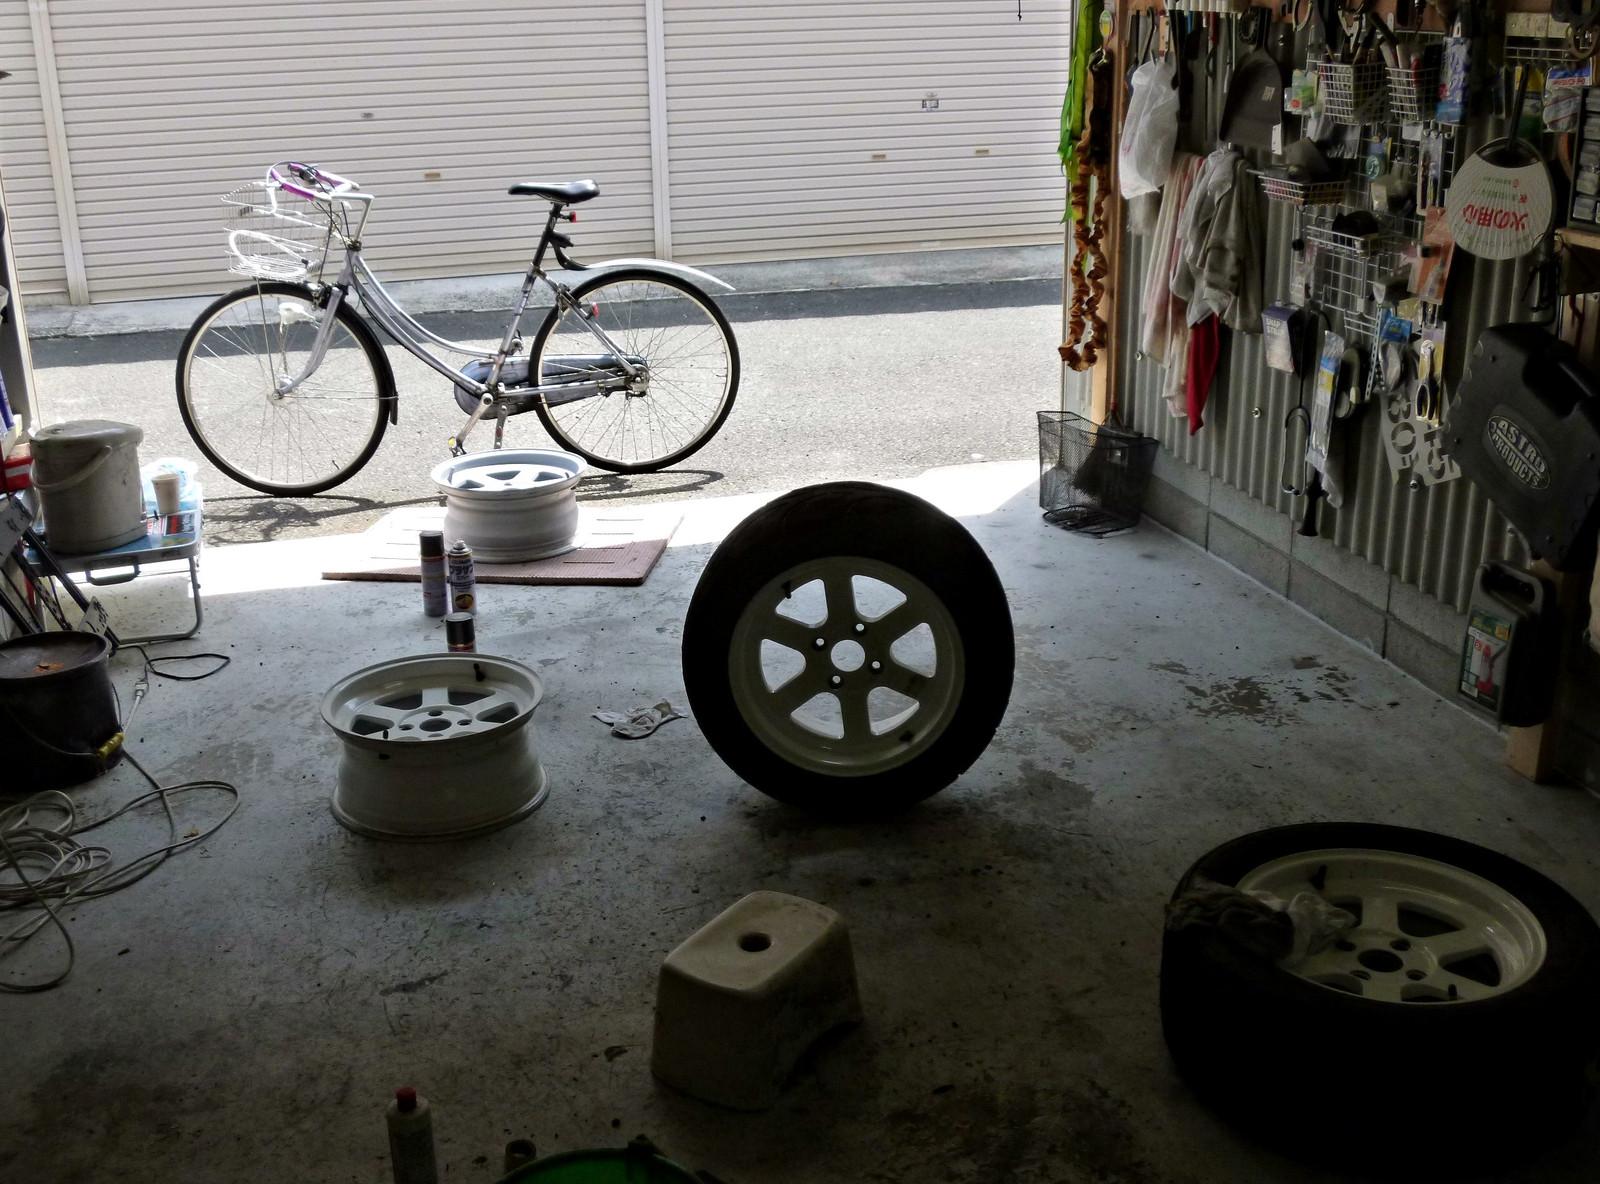 Wheelpaint